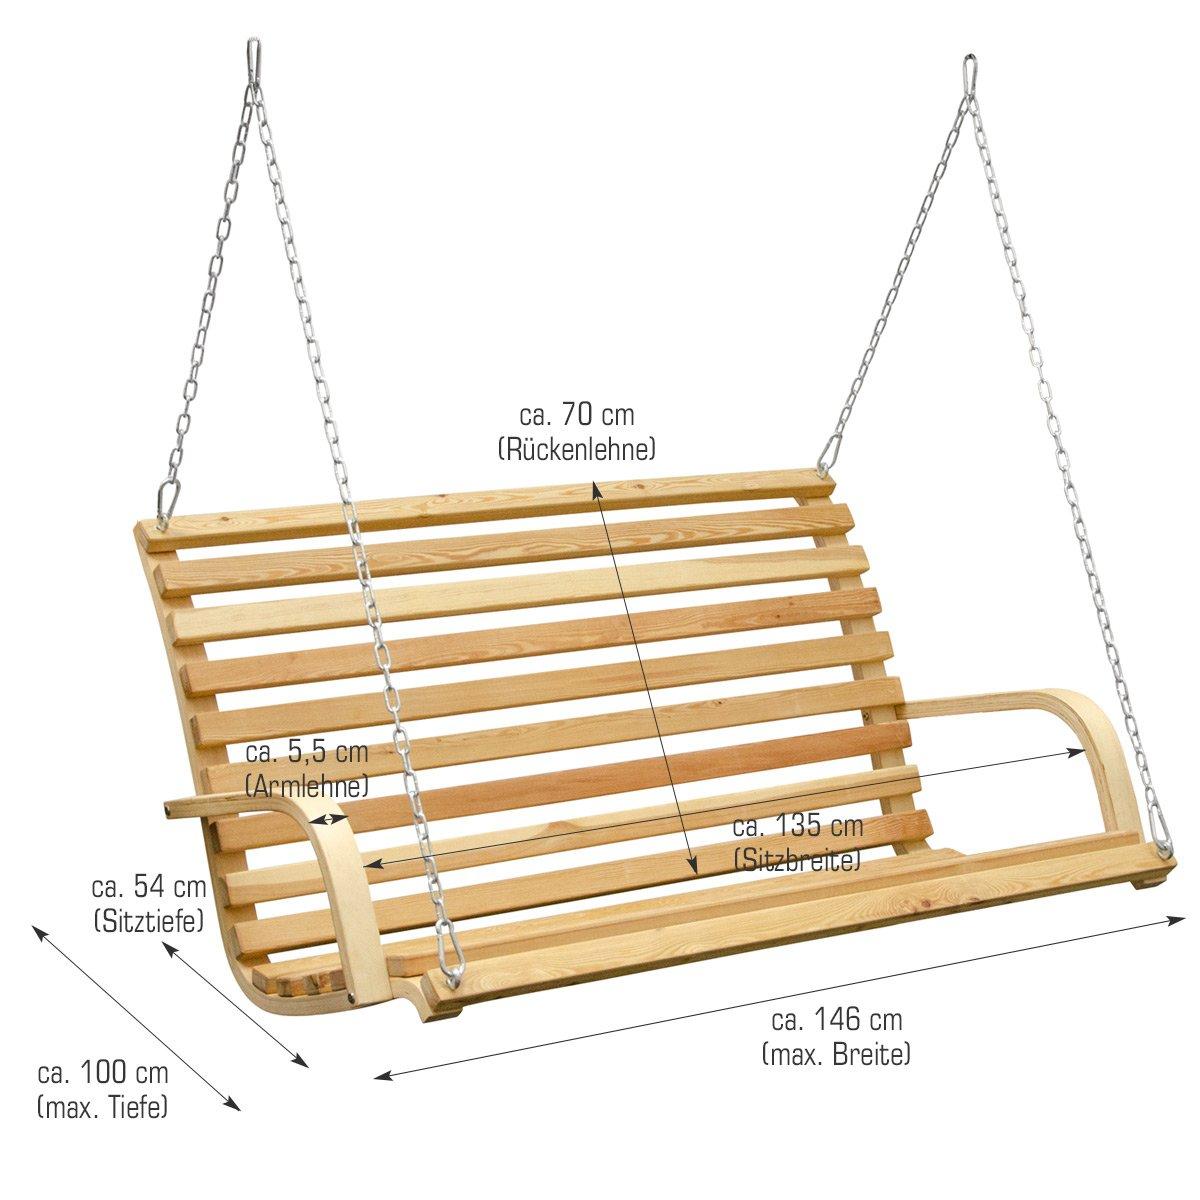 Hollywoodschaukel selber bauen  Amazon.de: Hollywoodschaukel aus Holz Lärche | Gartenschaukel Set ...